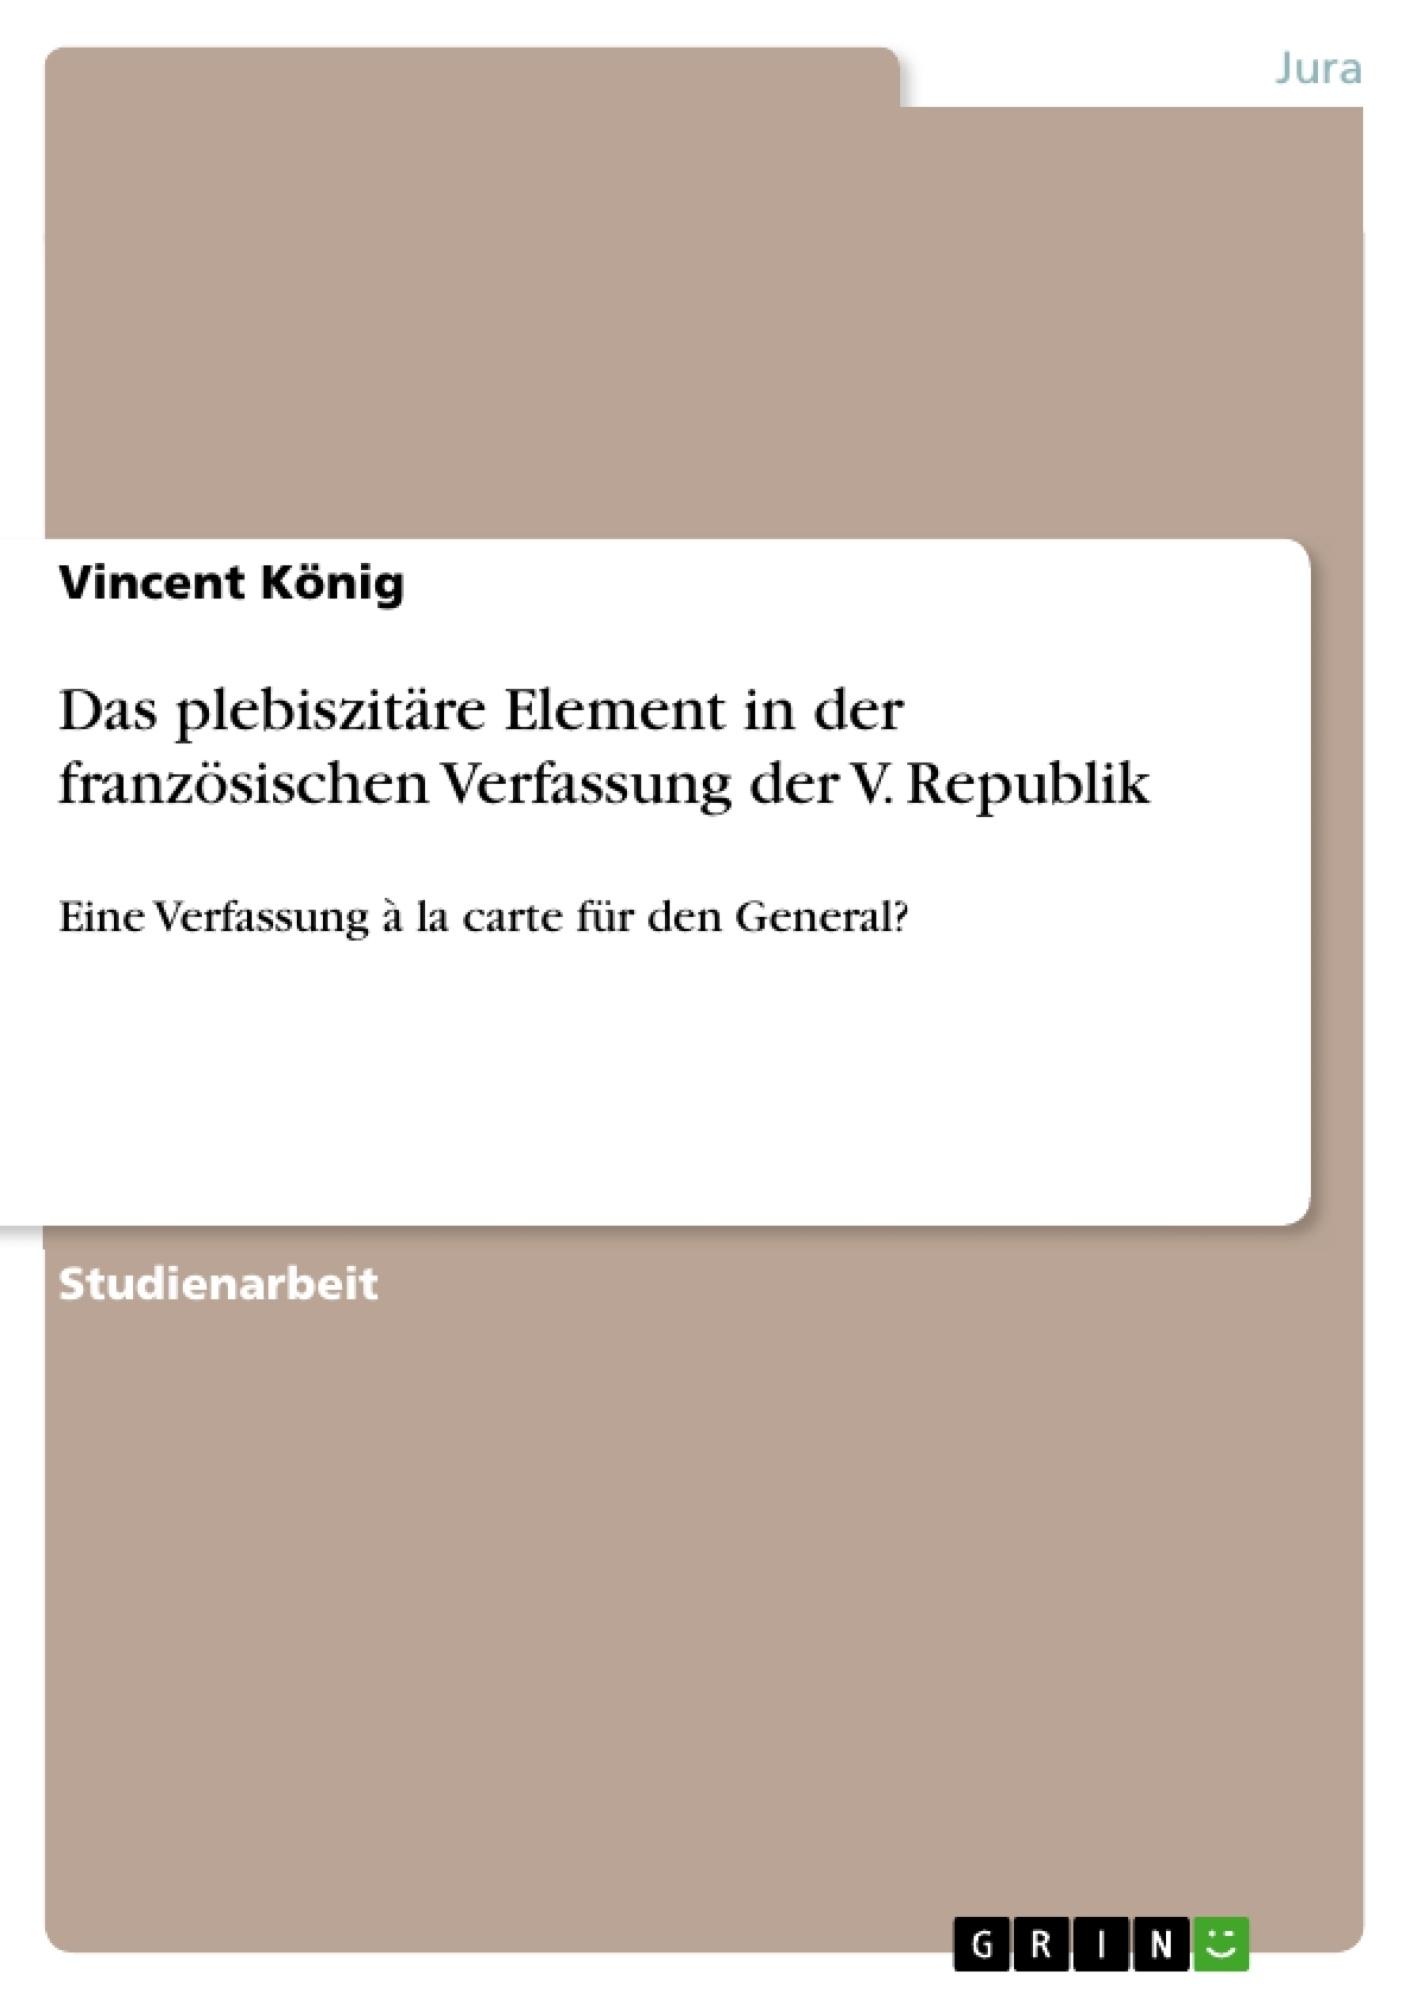 Titel: Das plebiszitäre Element in der französischen Verfassung der V. Republik